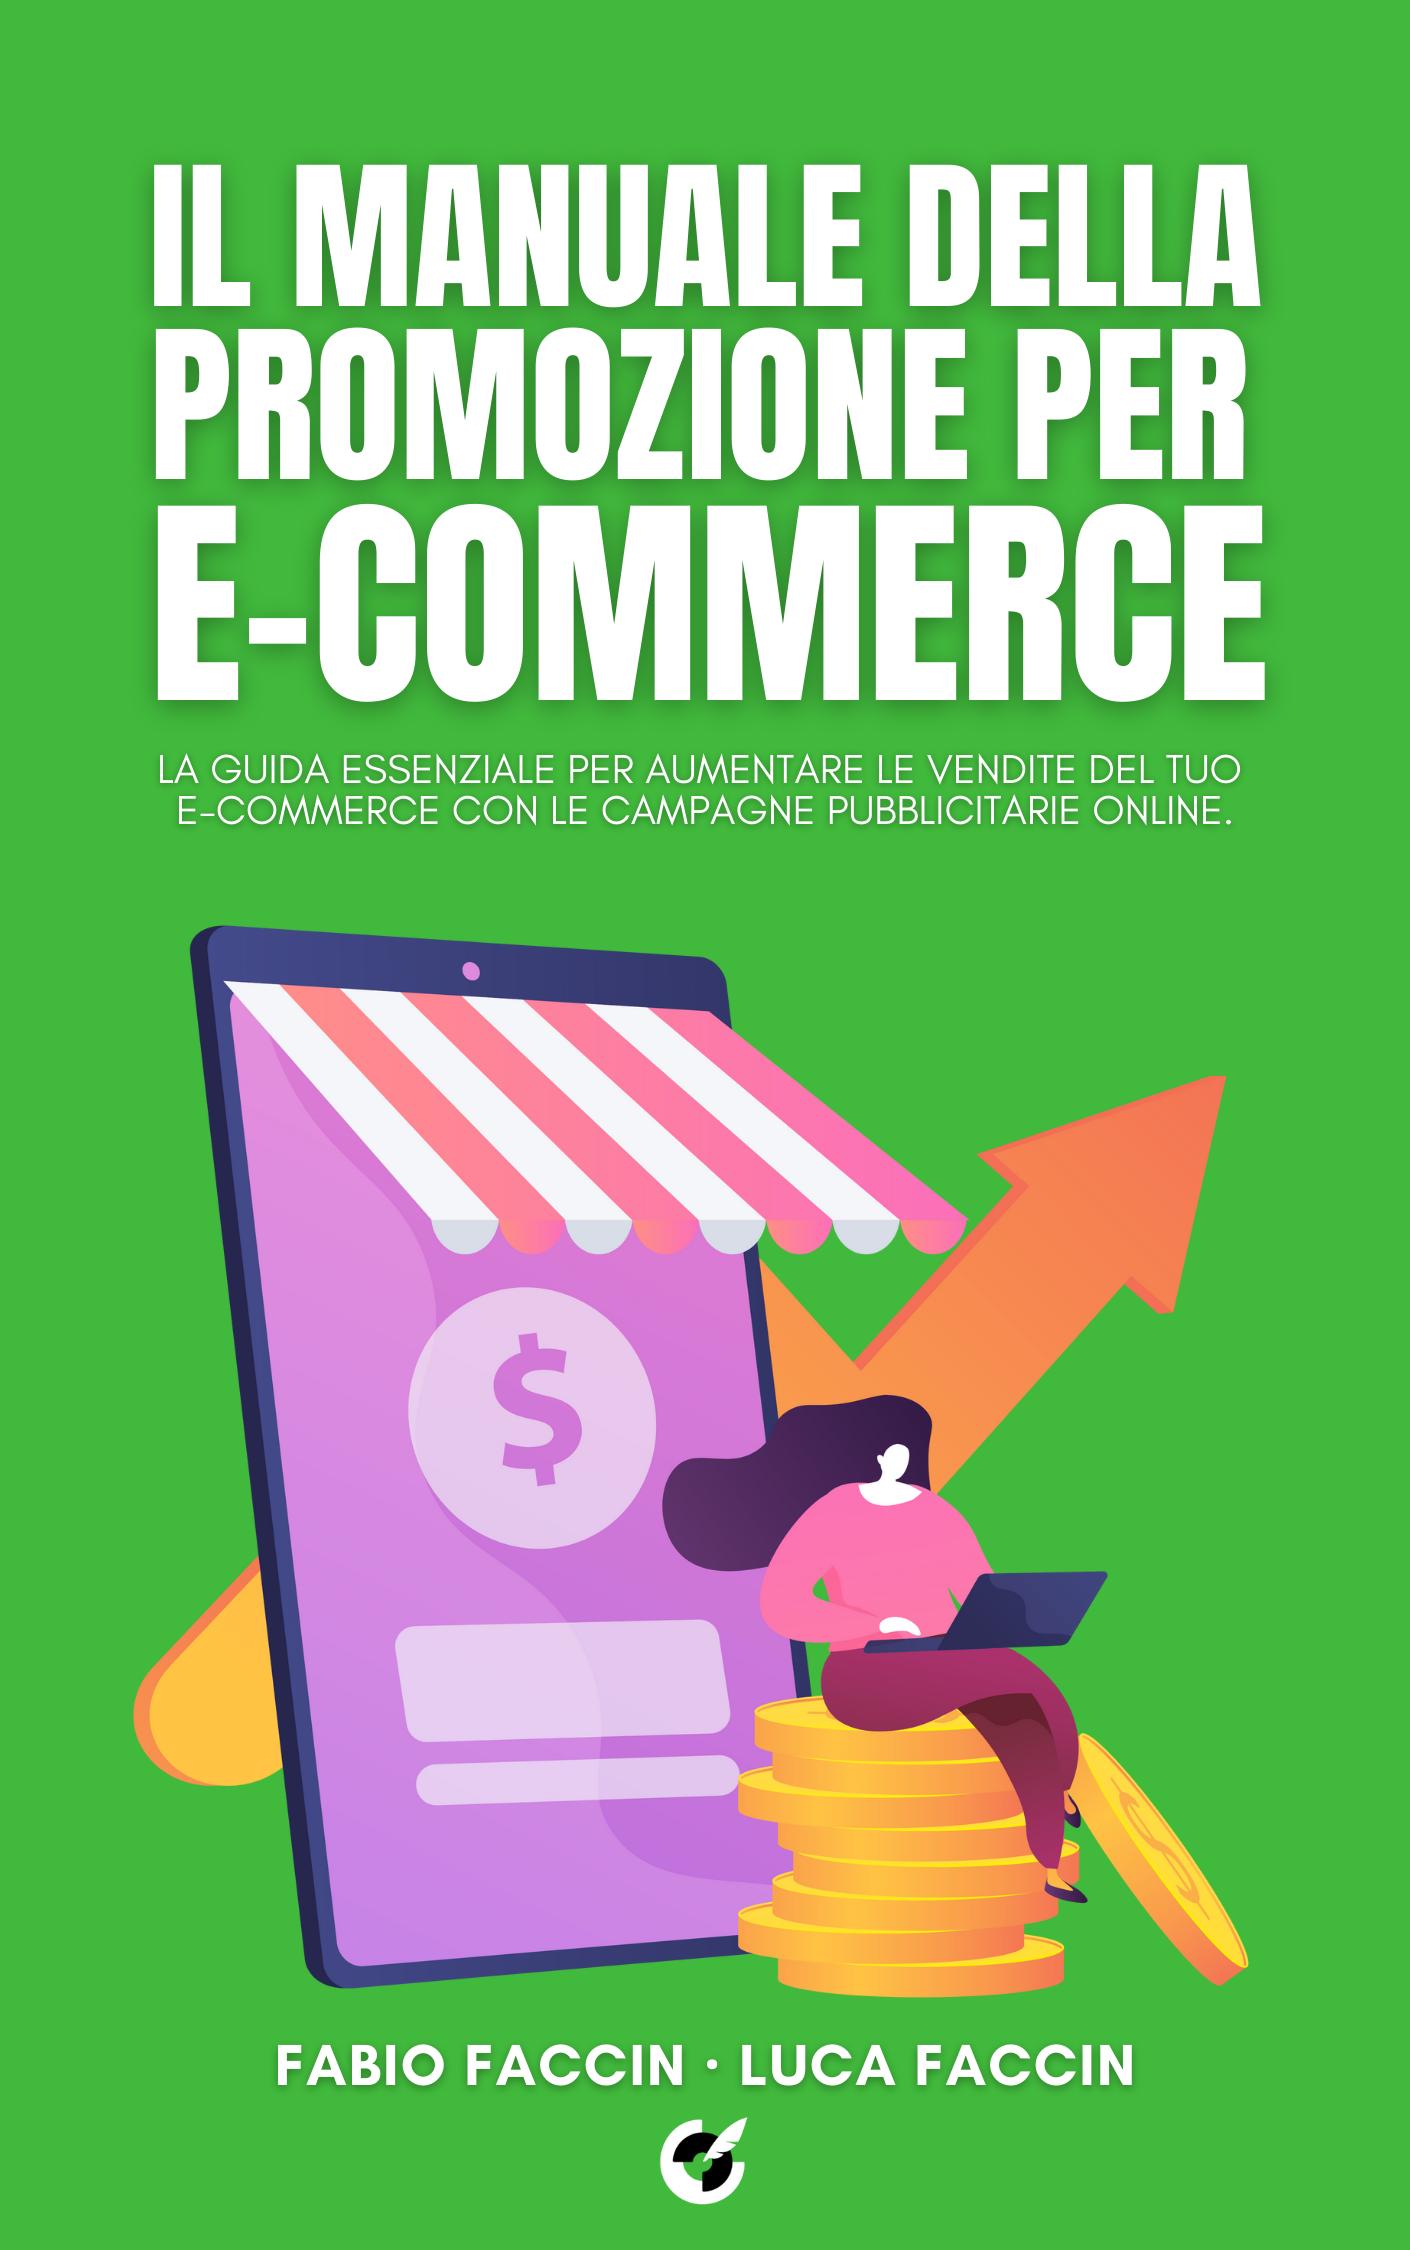 Il manuale della promozione per e-commerce libro fronte.